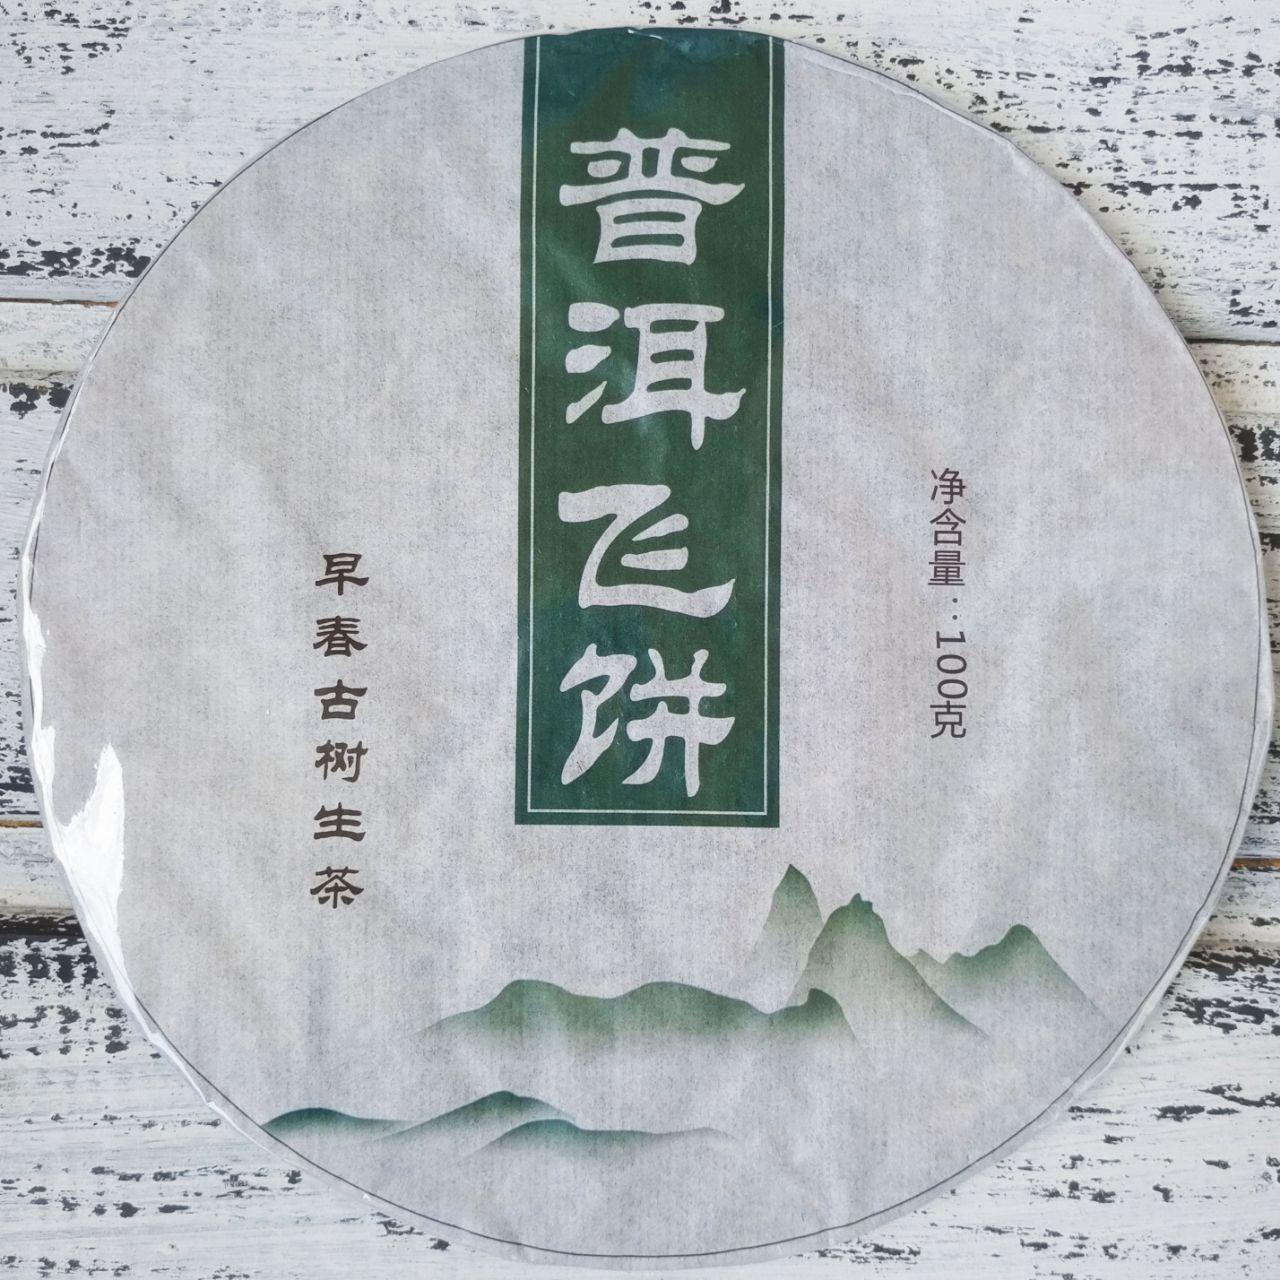 Шэн Пуэр Фэй Пин тонкий блин 100 грамм Фабрика Юннань